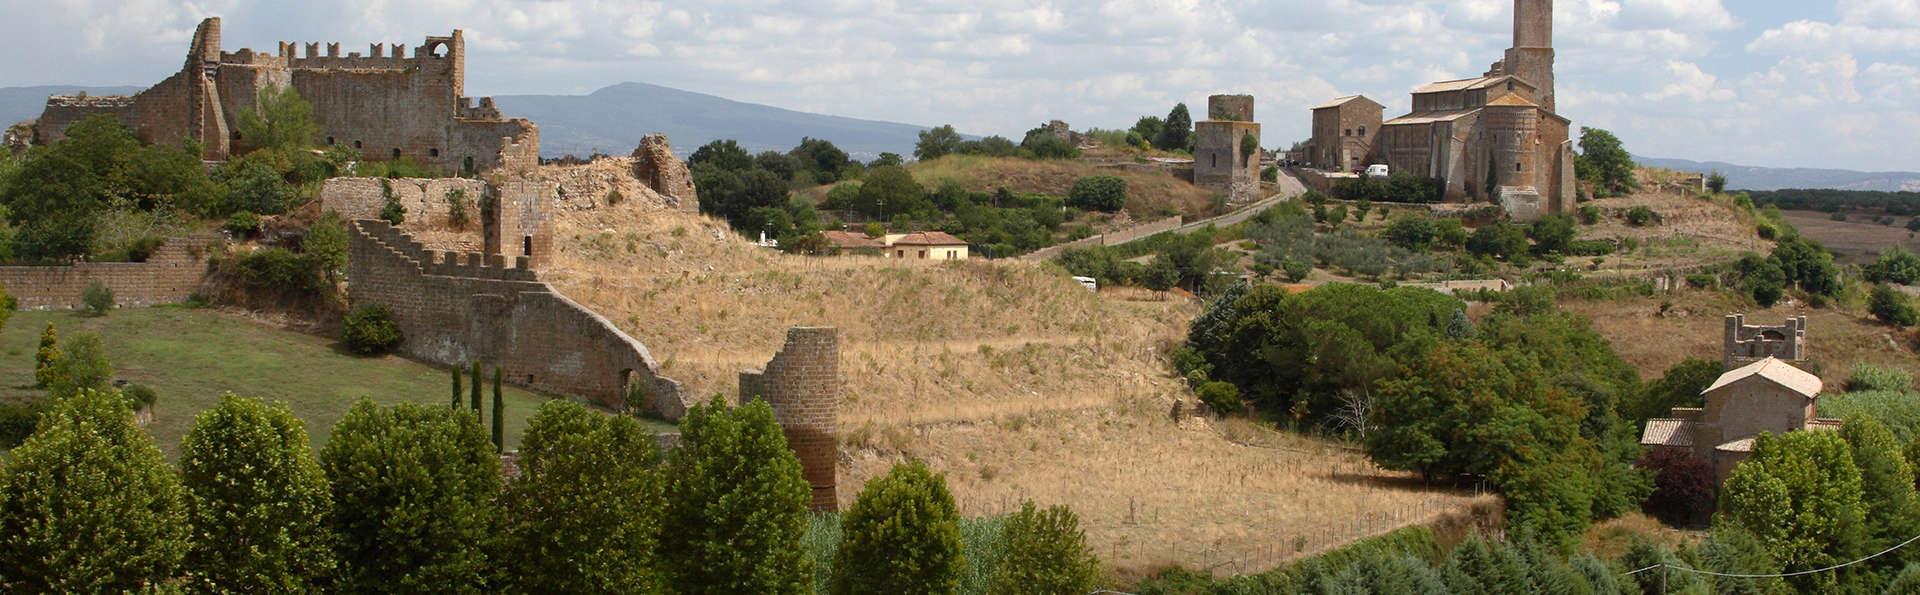 Détente en terres étrusques à Tarquinia